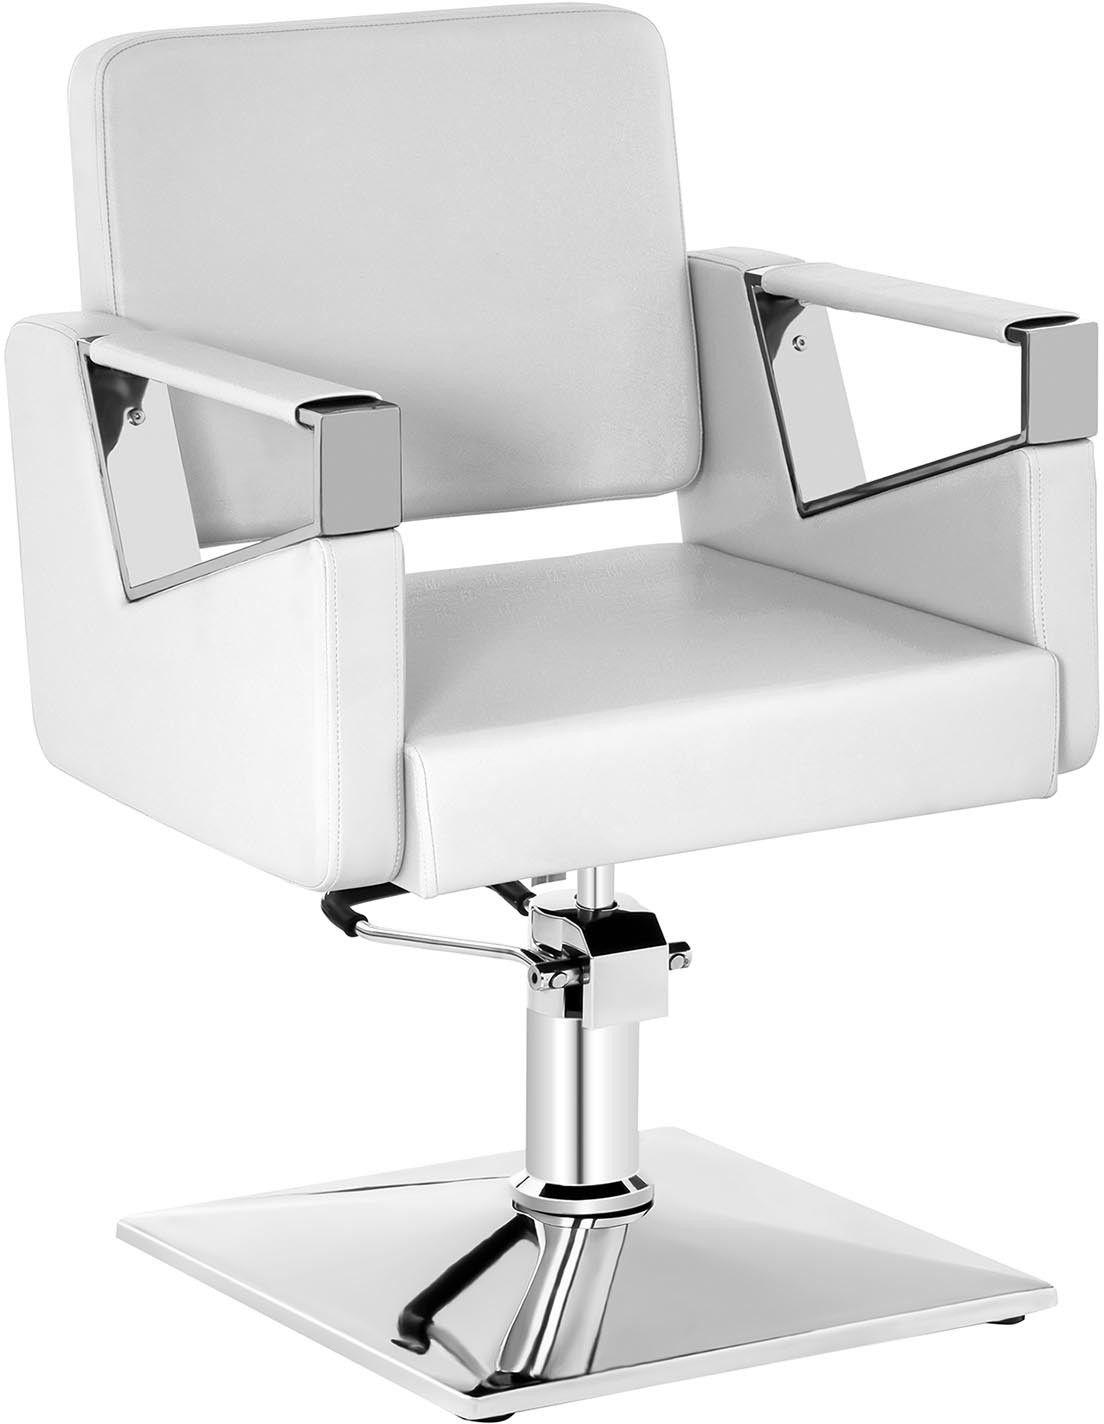 Komplet Fotel fryzjerski Physa Bristol biały + Podnóżek ze stali nierdzewnej - przykręcany - BRISTOL WHITE SET